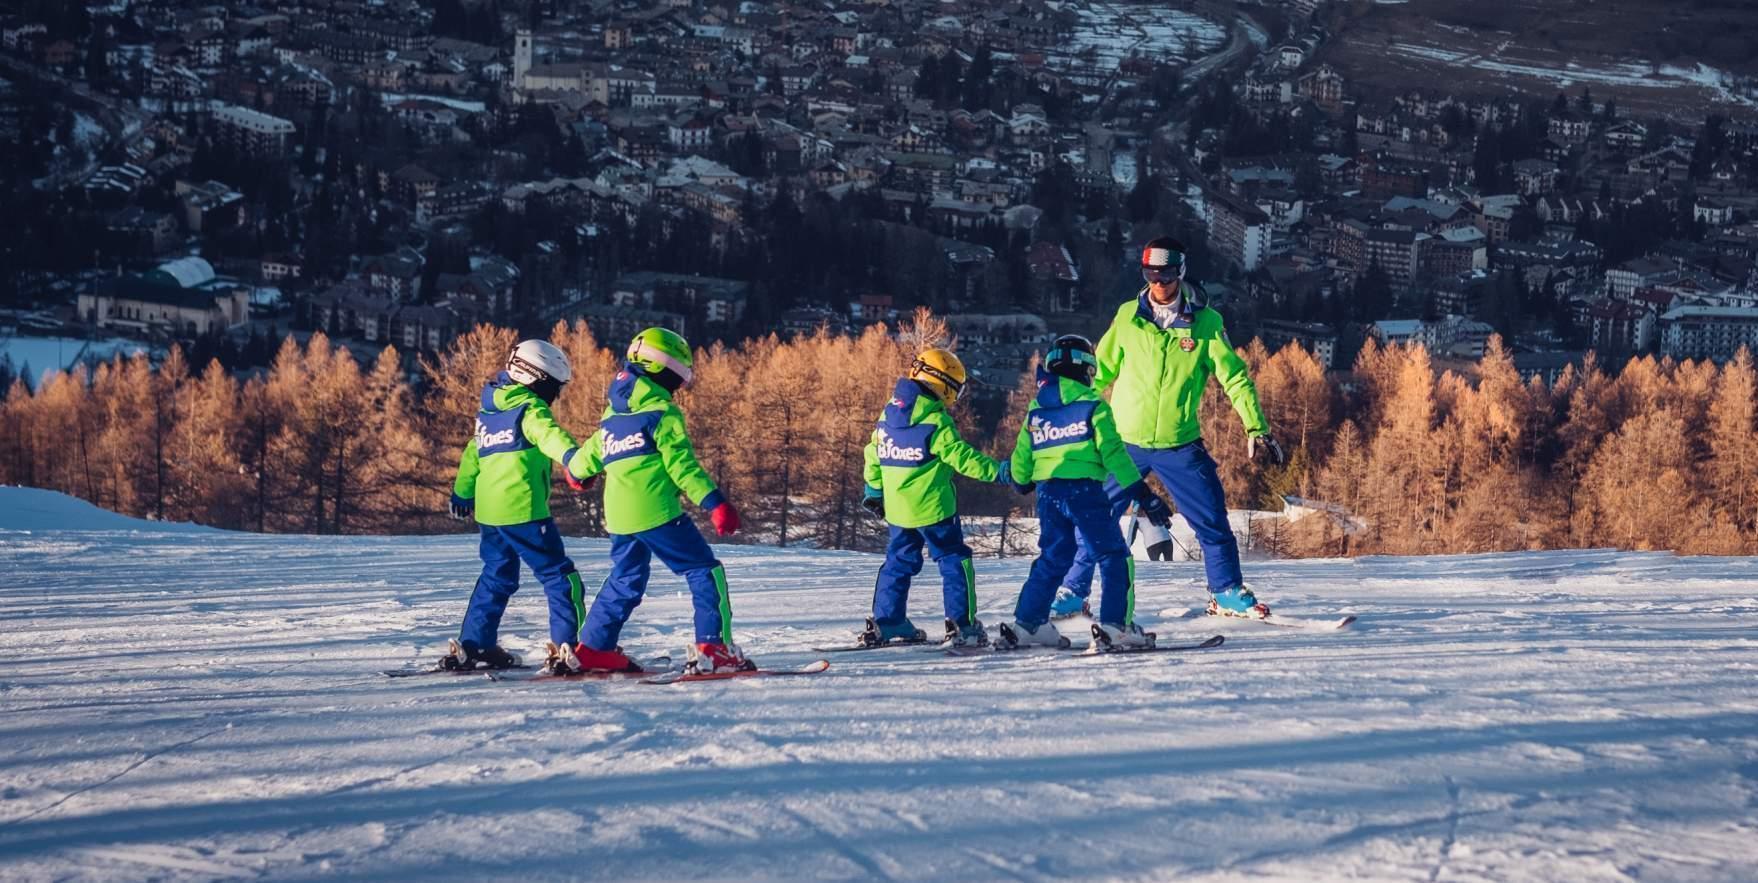 Cours de ski Enfants (4-12 ans) pour tous niveaux